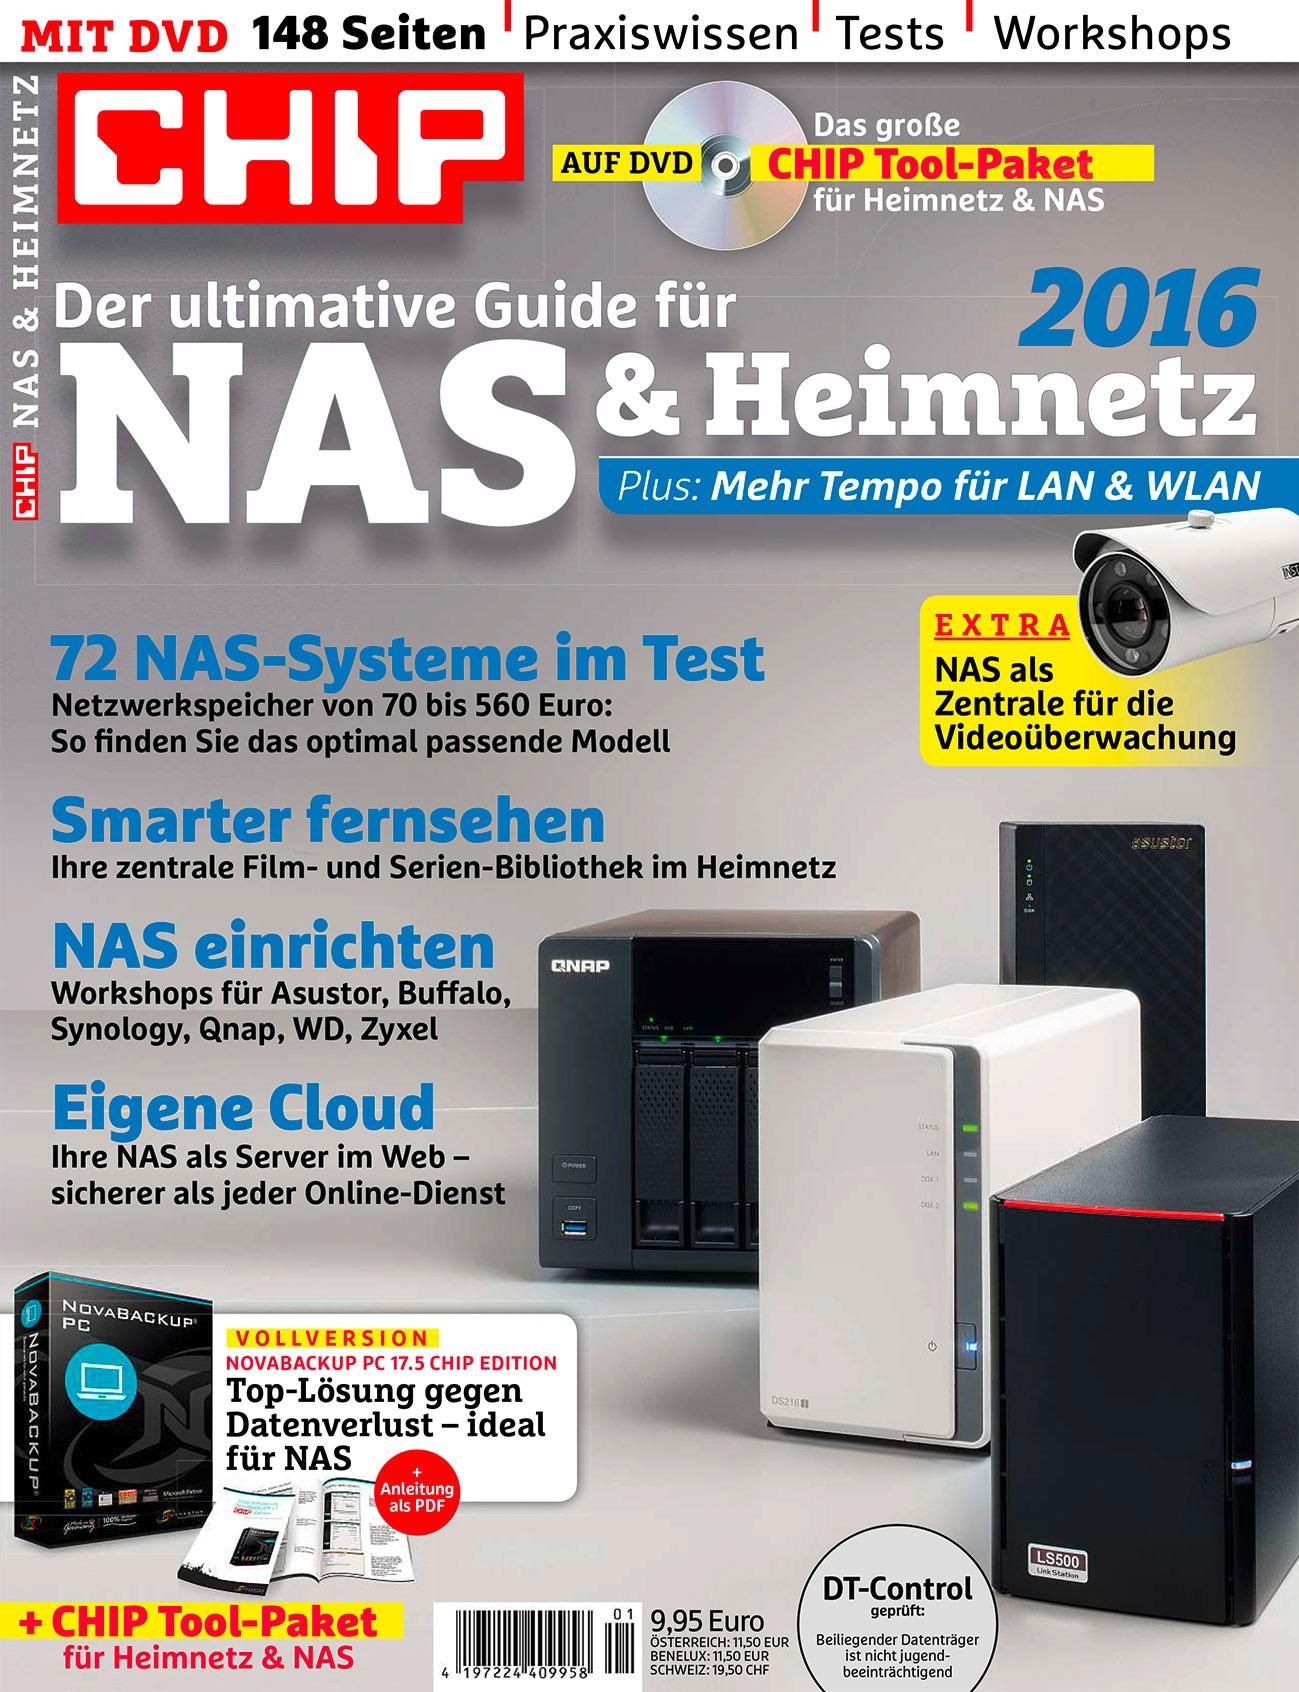 CHIP ePaper NAS & Heimnetz 2016 kostenlos [CHIP-Kiosk]